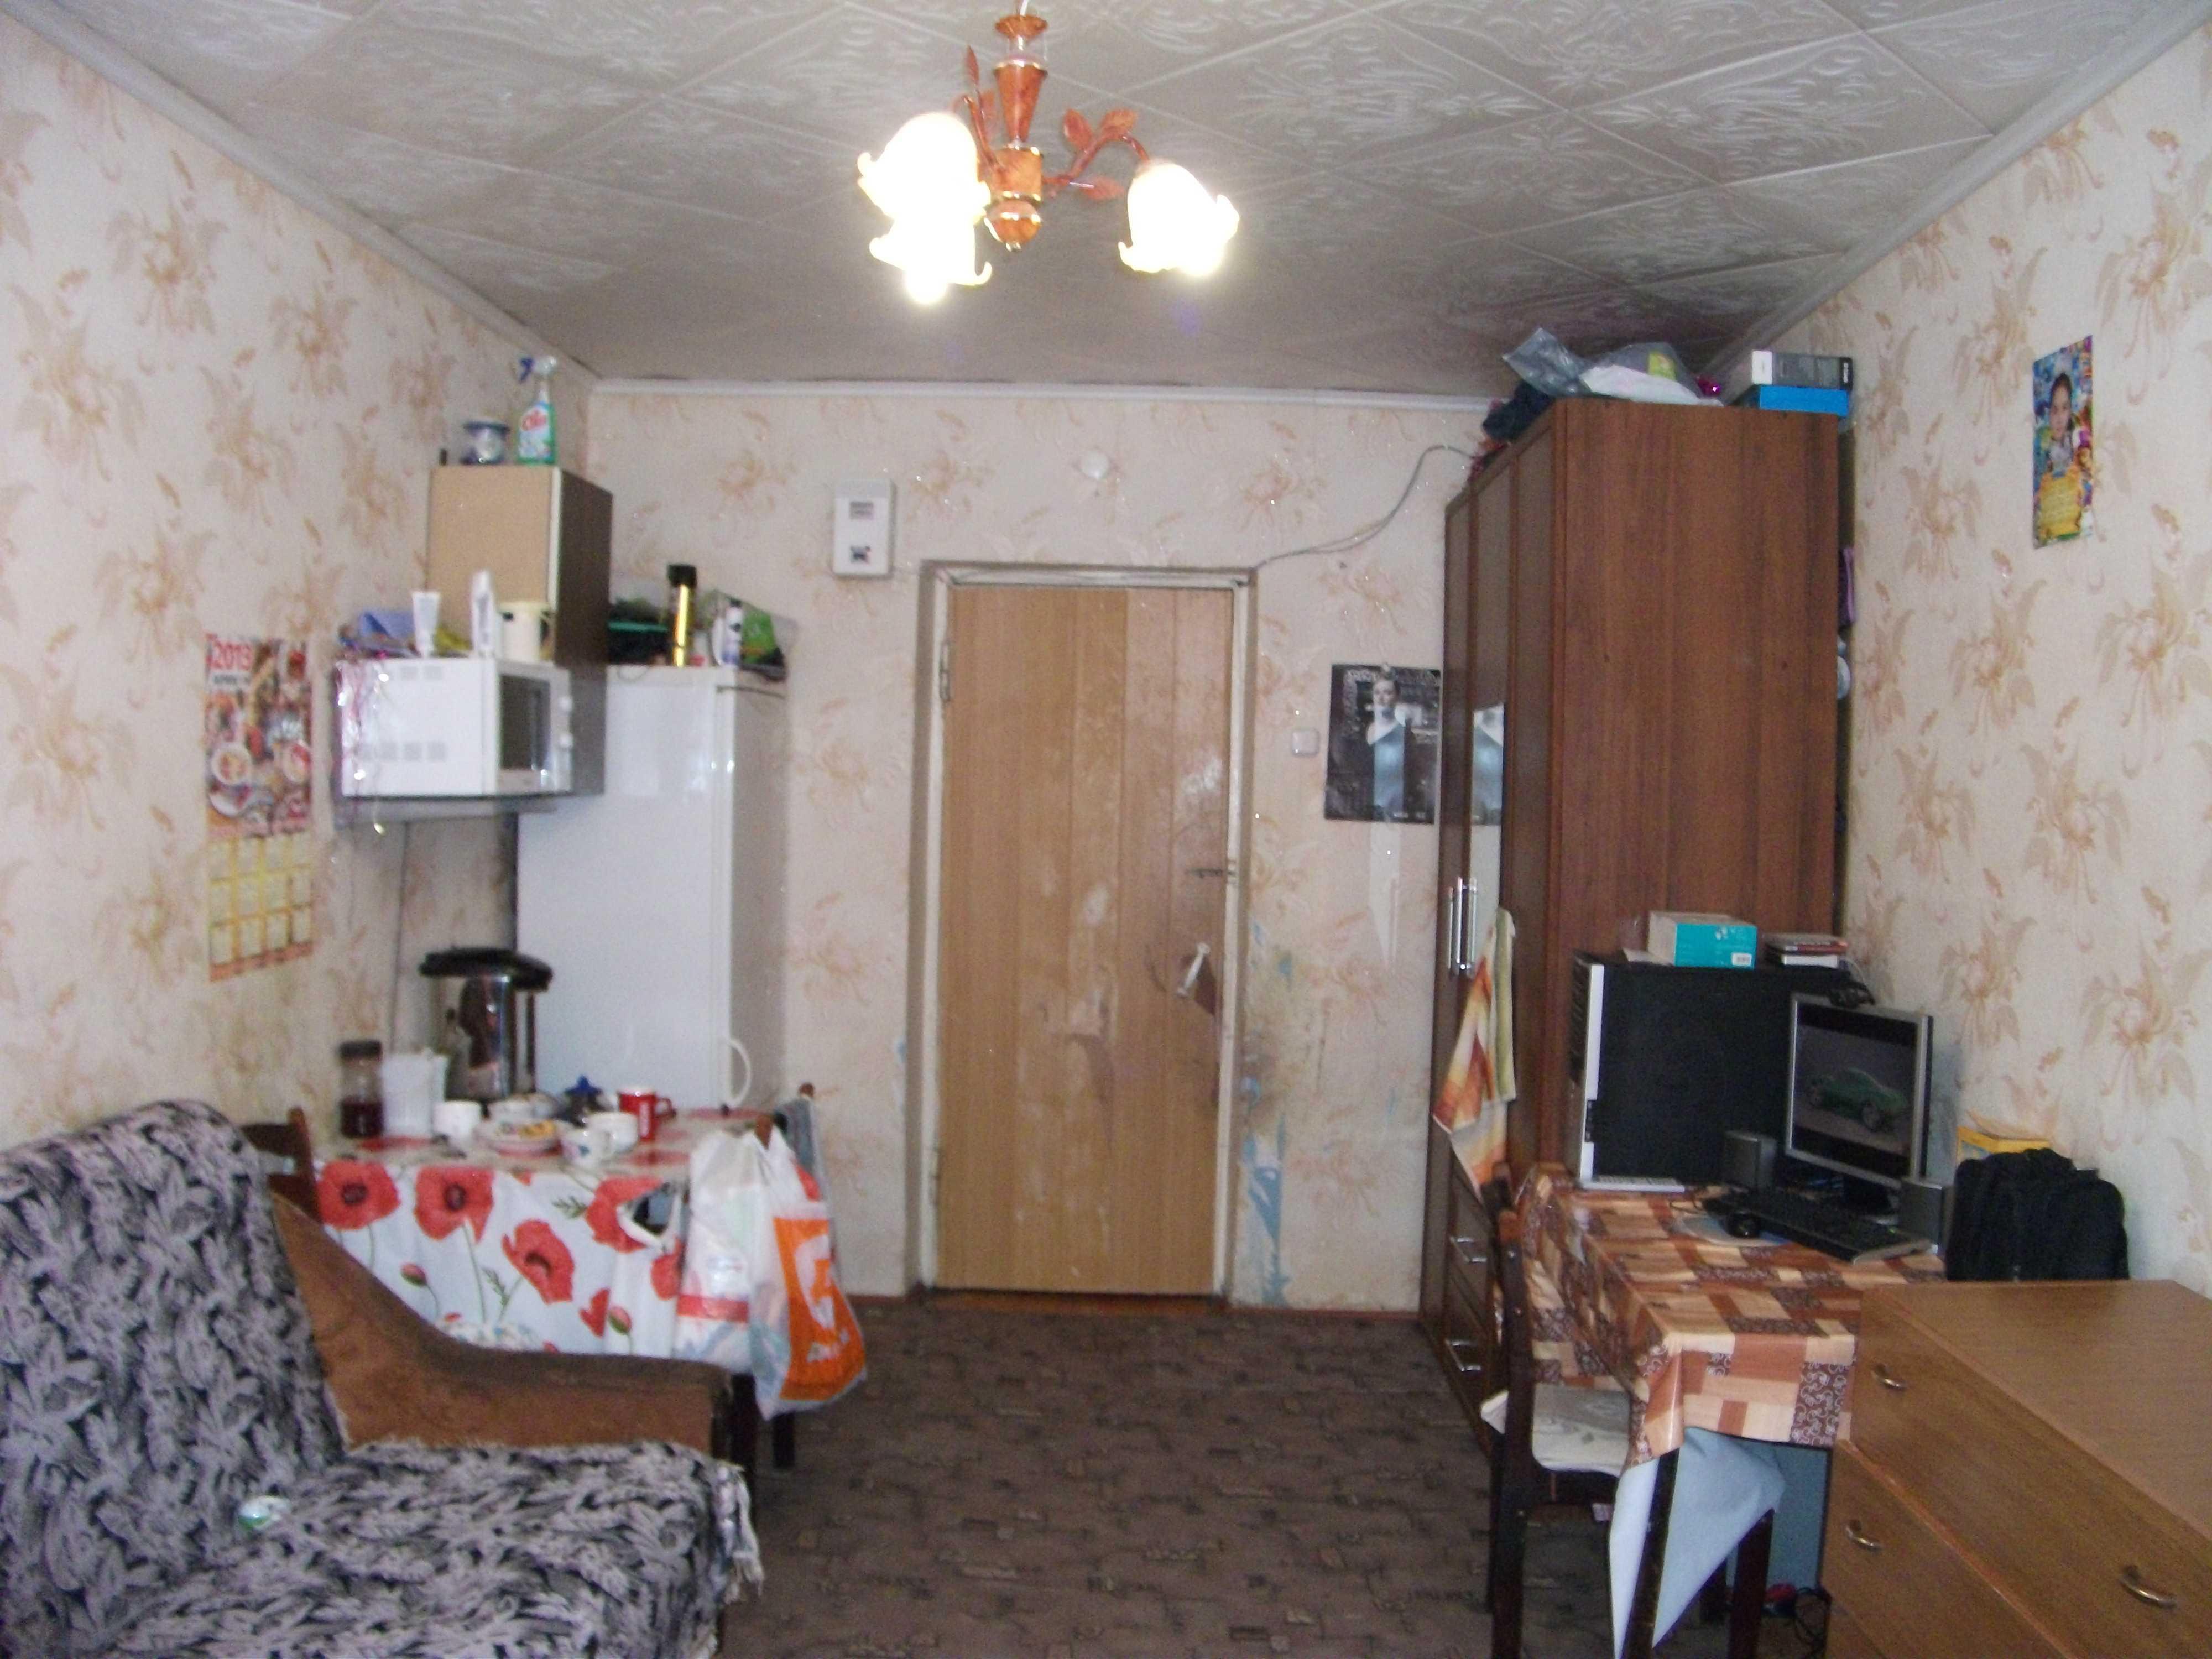 Дизайн комнаты 17 кв.м в общежитии фото